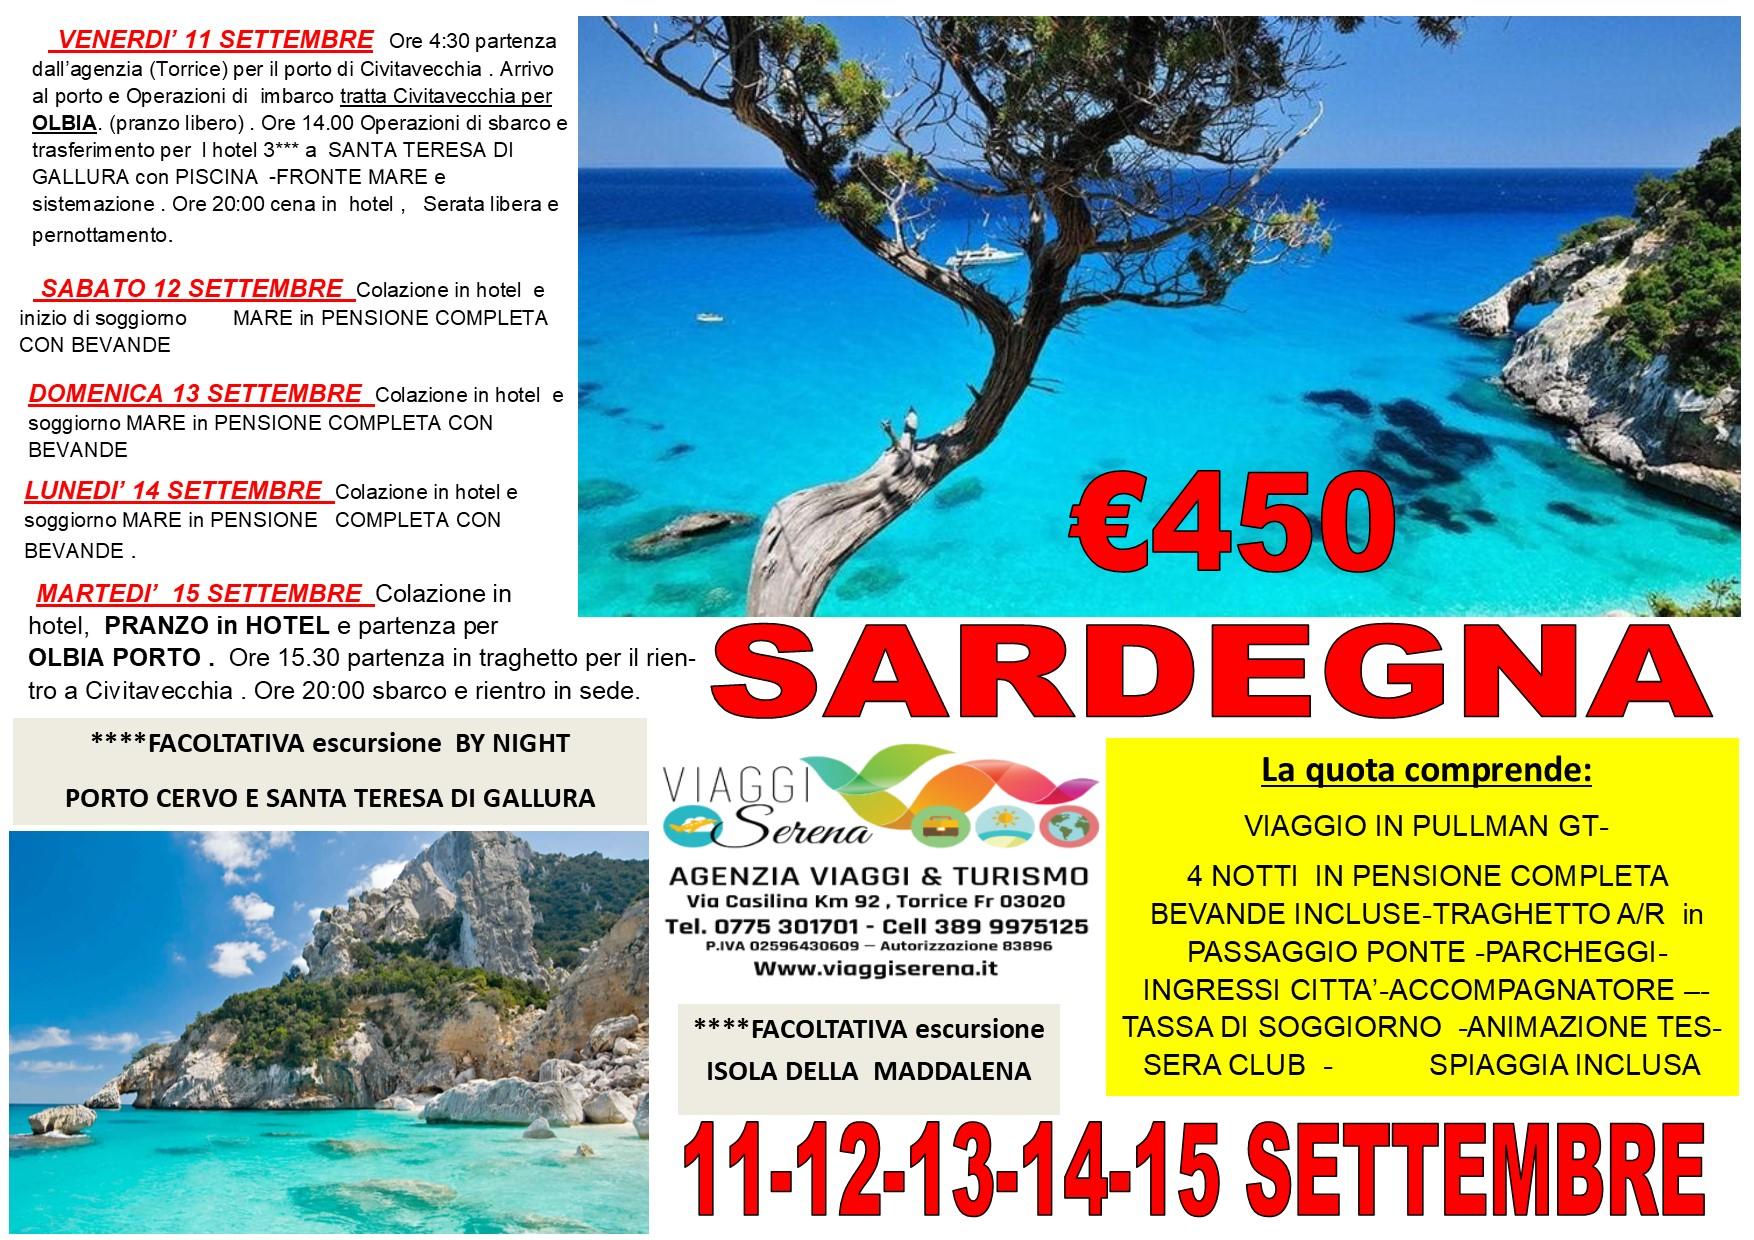 Viaggi di Gruppo: soggiorno mare  SARDEGNA  11-12-13-14-15 Settembre € 450,00